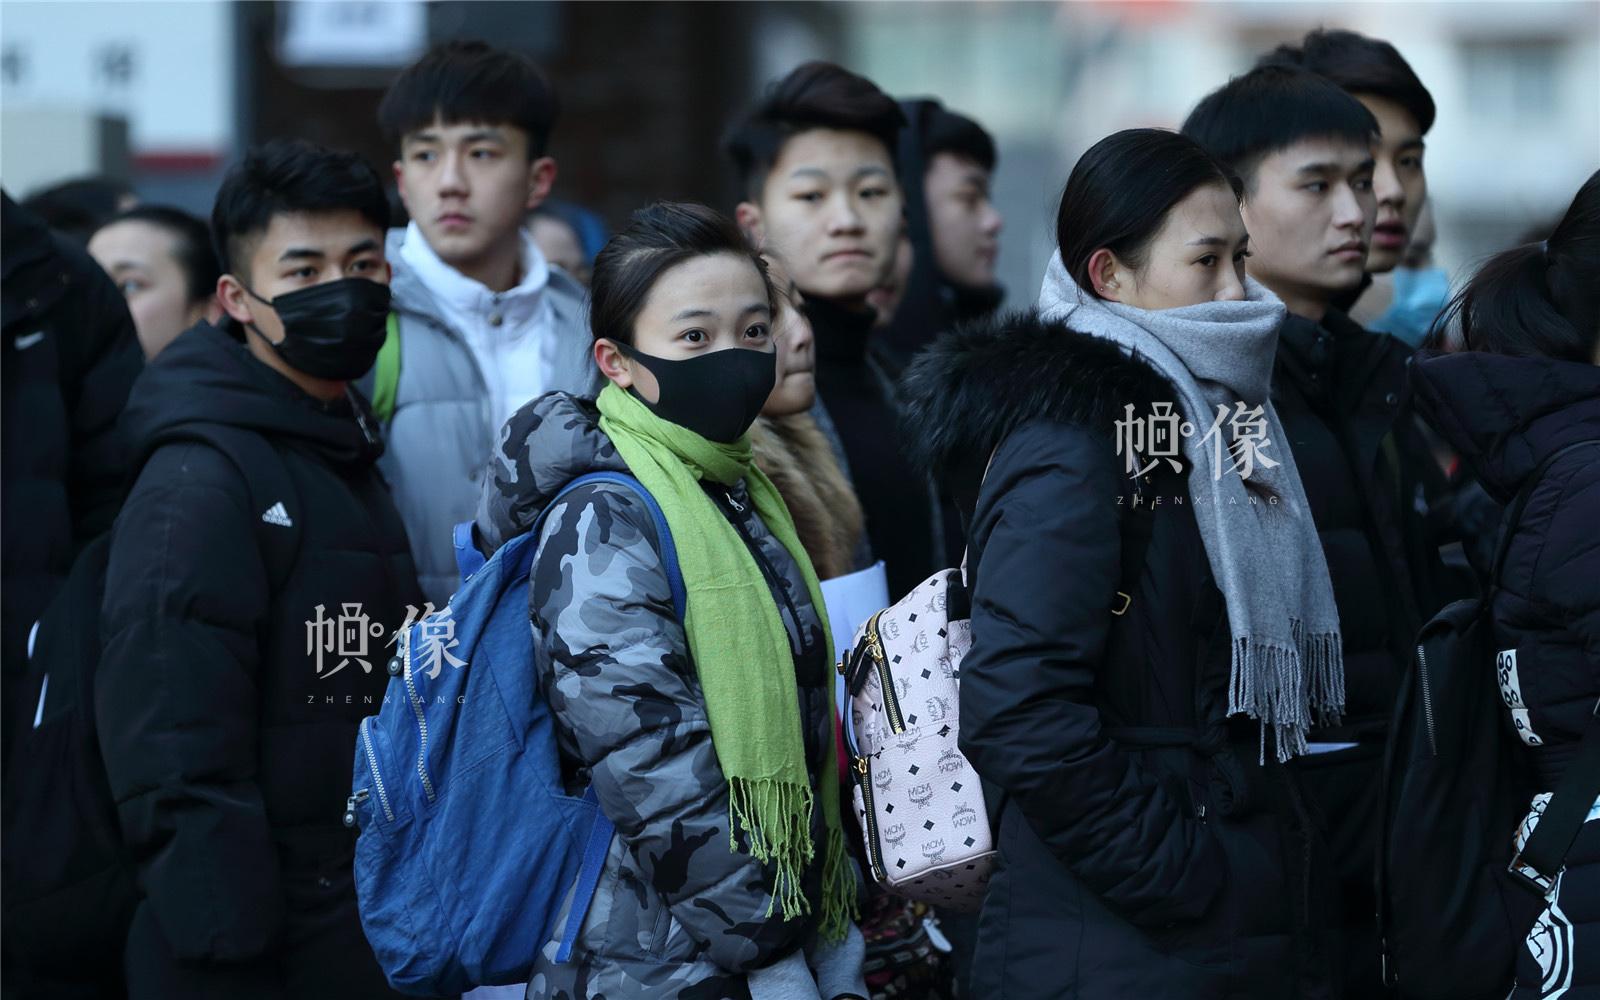 2017年2月10日,北京电影学院,林妙可亮相考场.中国网记者陈维松 摄图片